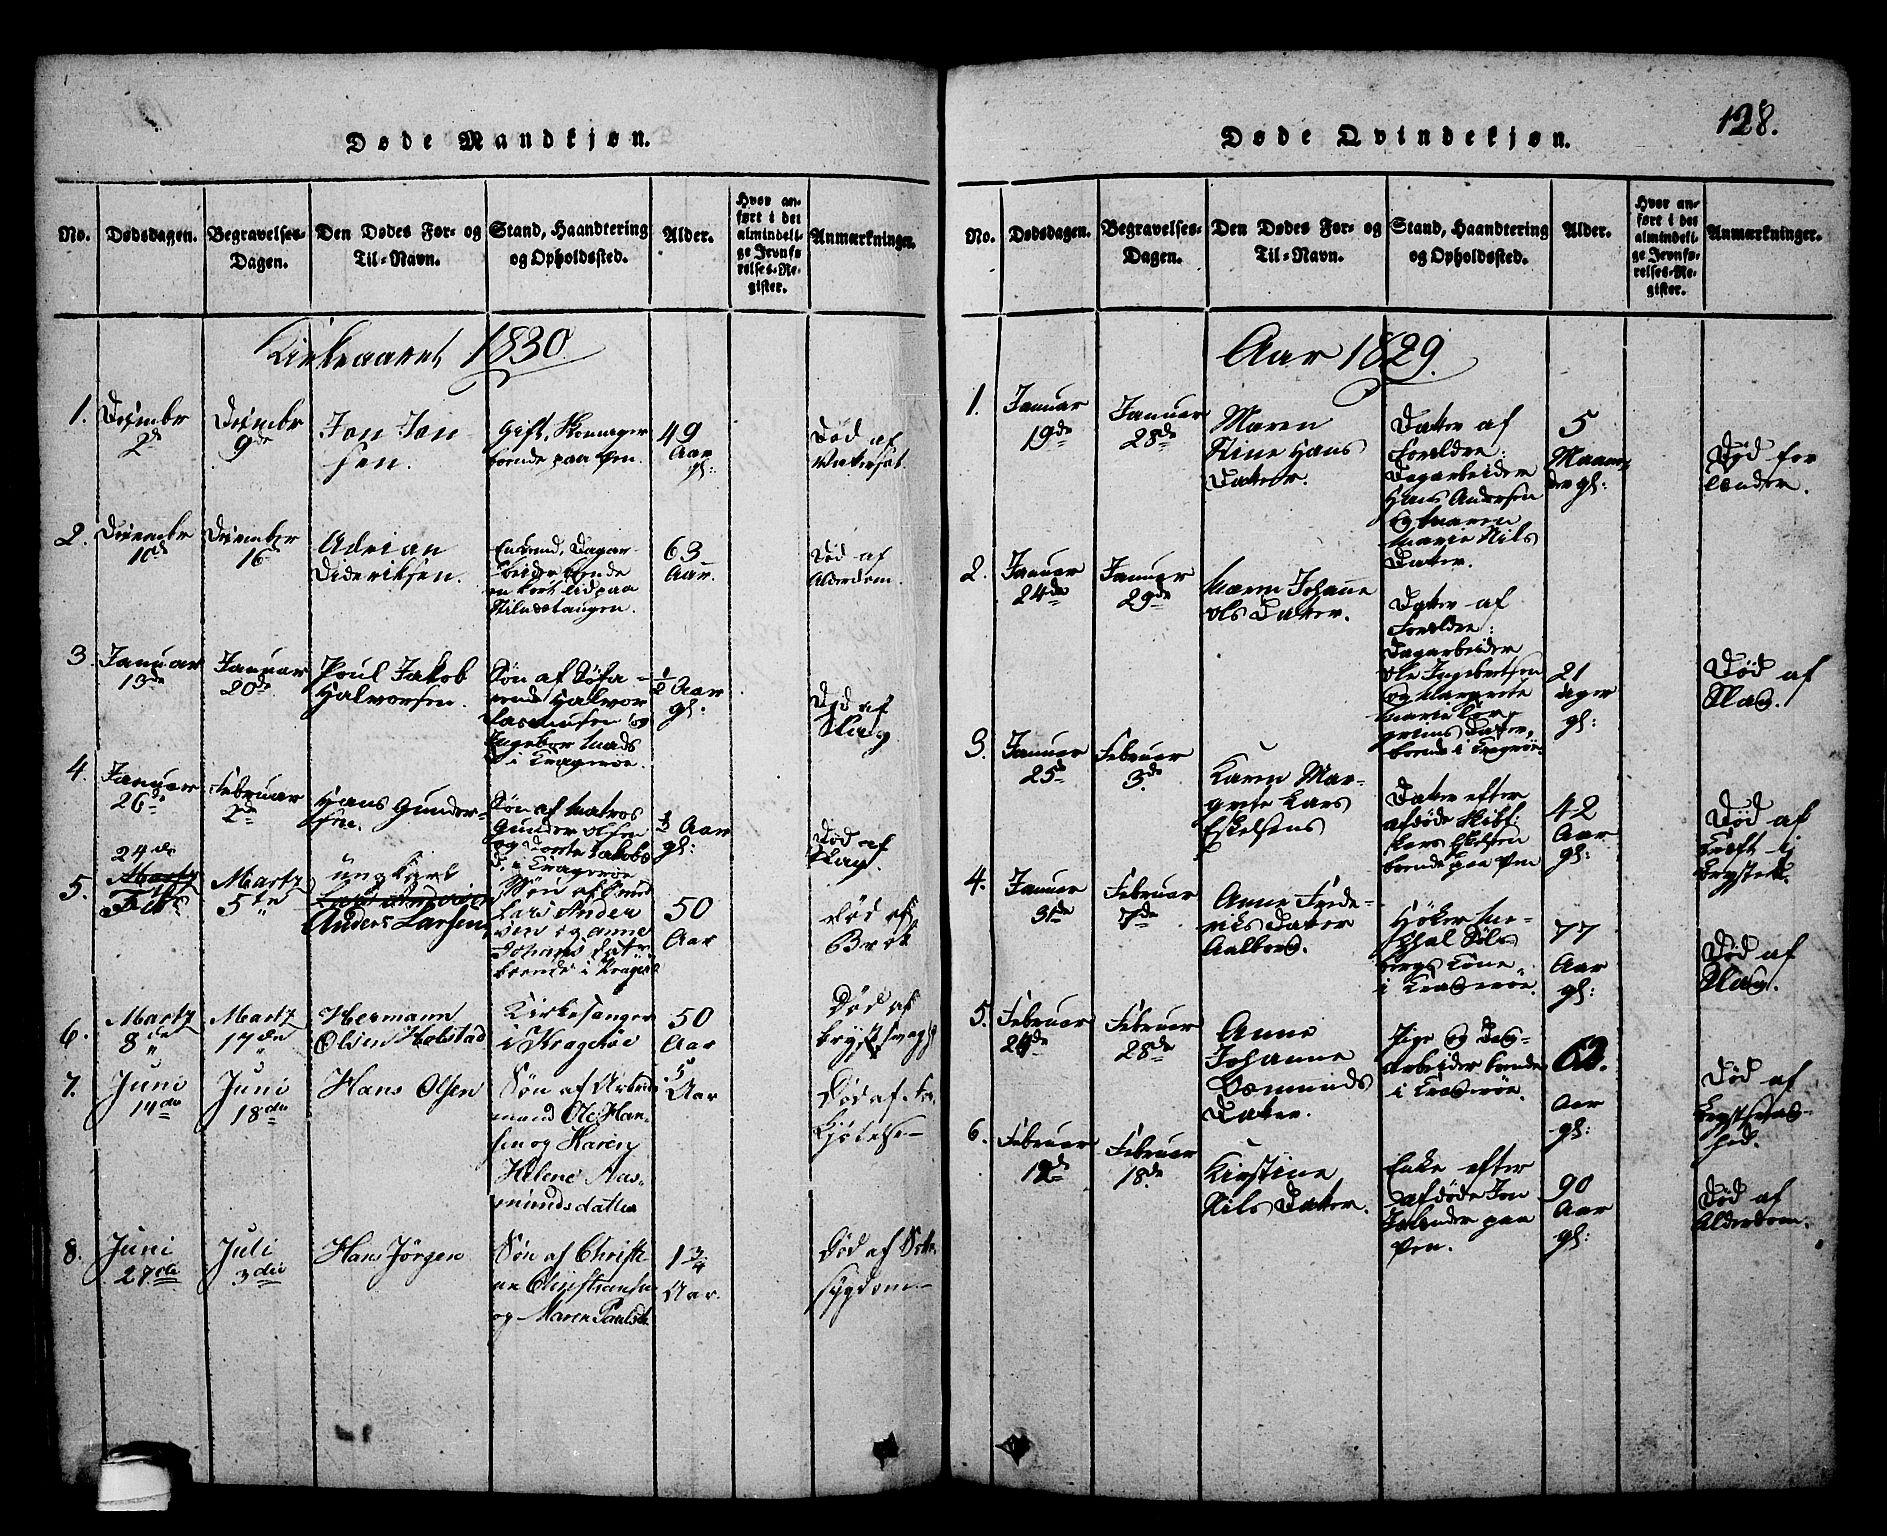 SAKO, Kragerø kirkebøker, G/Ga/L0002: Klokkerbok nr. 2, 1814-1831, s. 128